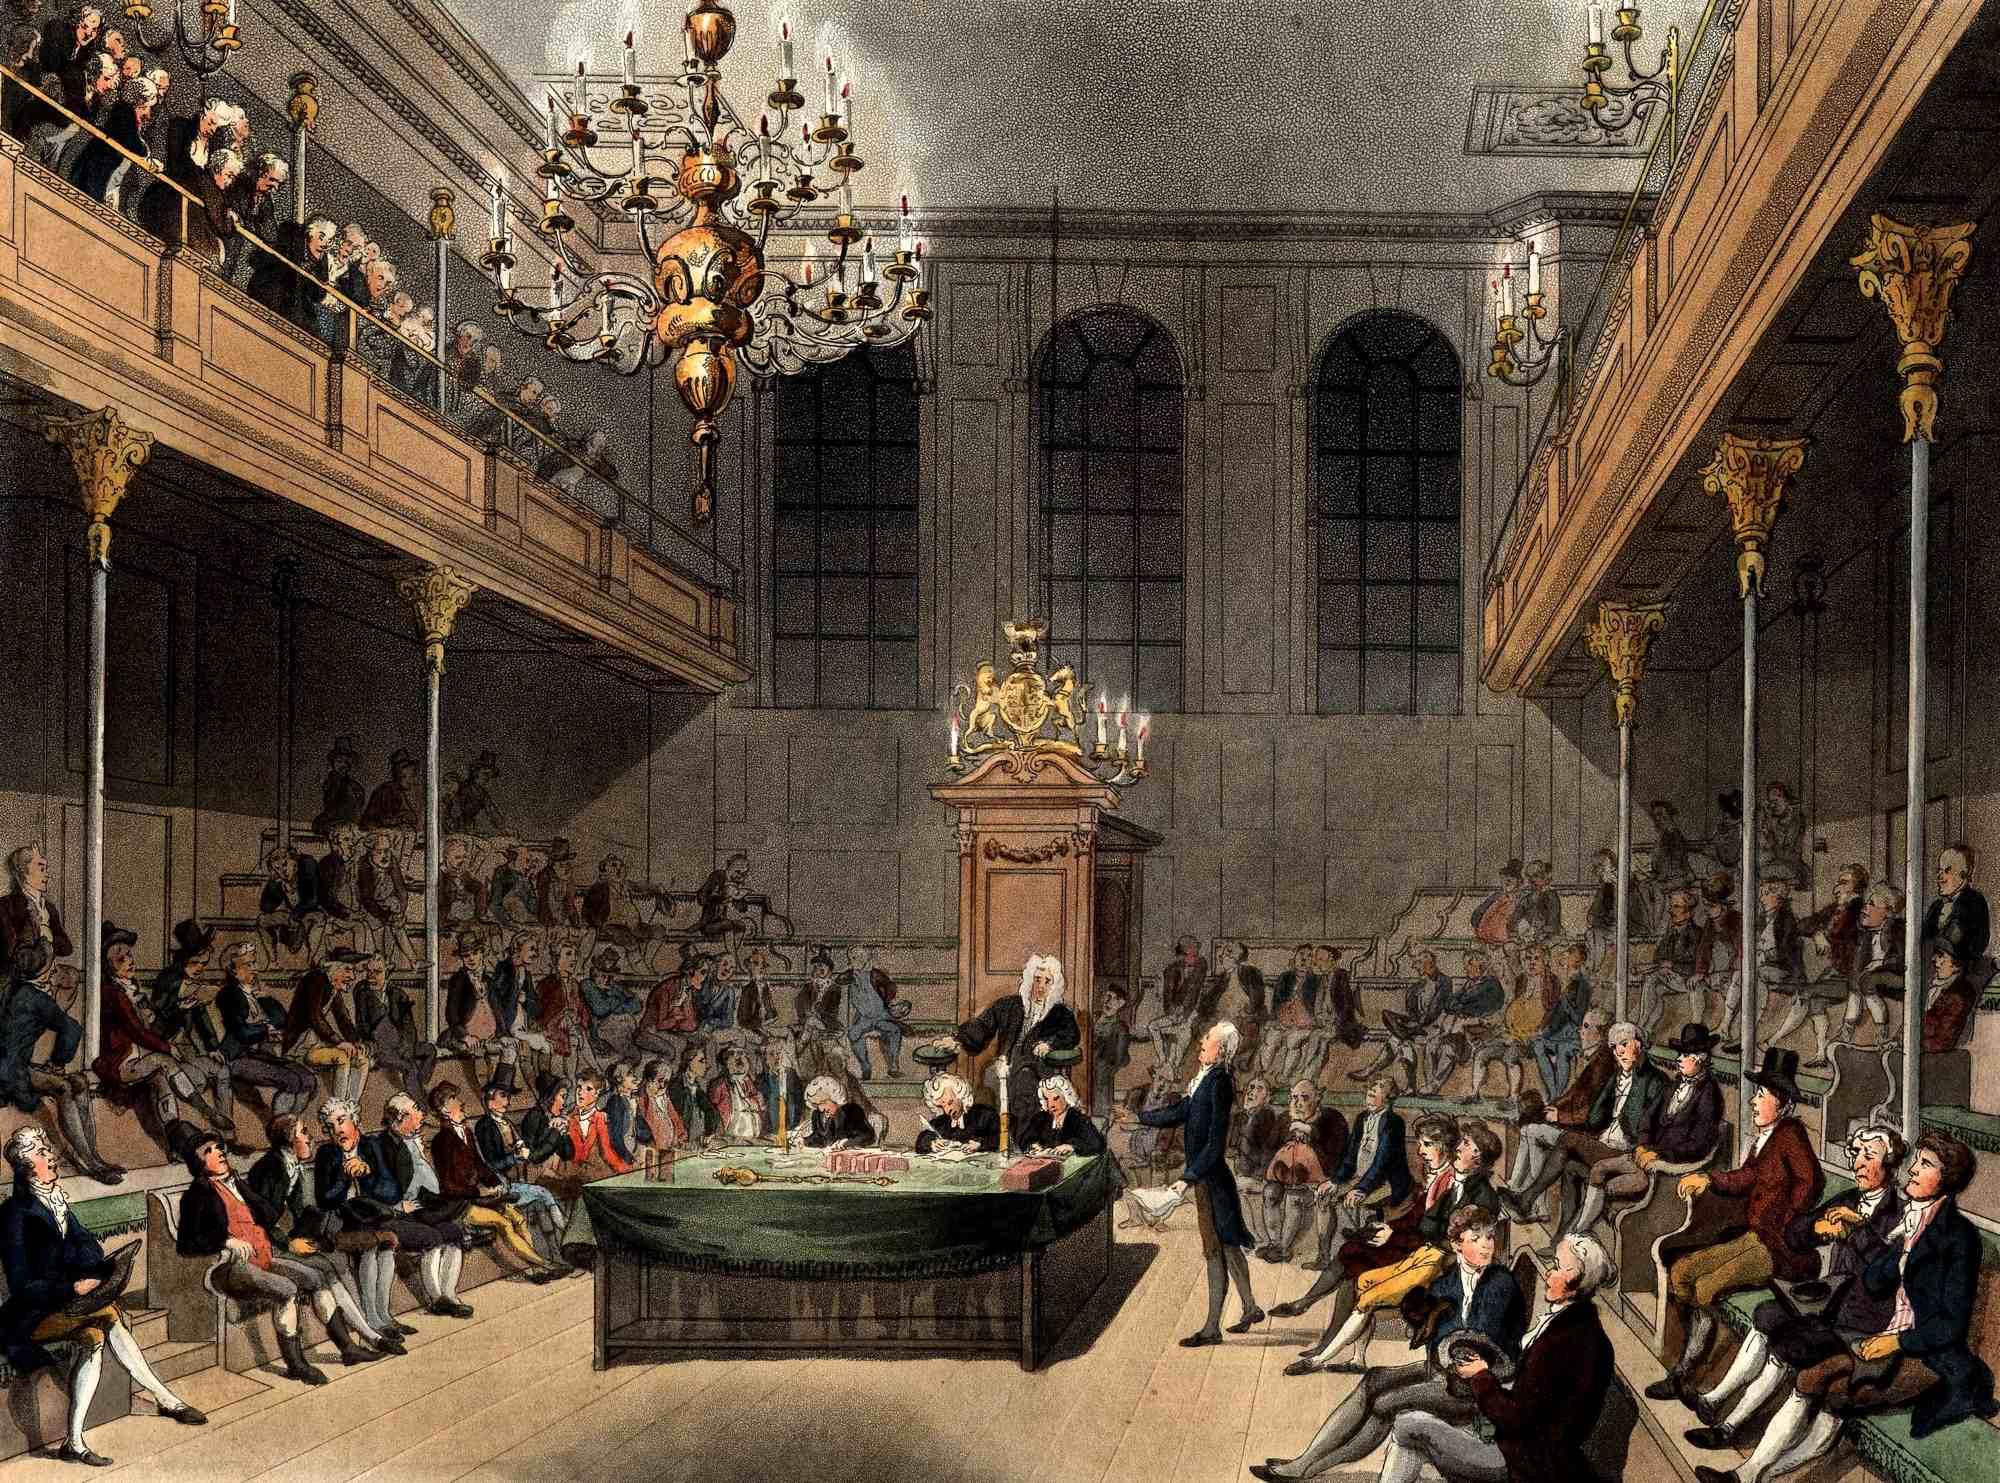 """L'Antico regime, il sistema politico e sociale del Sei-Settecento """"Antico regime"""" (Ancien régime) fu l'espressione con cui i rivoluzionari francesi del 1789 definirono la società in cui essi vivevano e […]"""